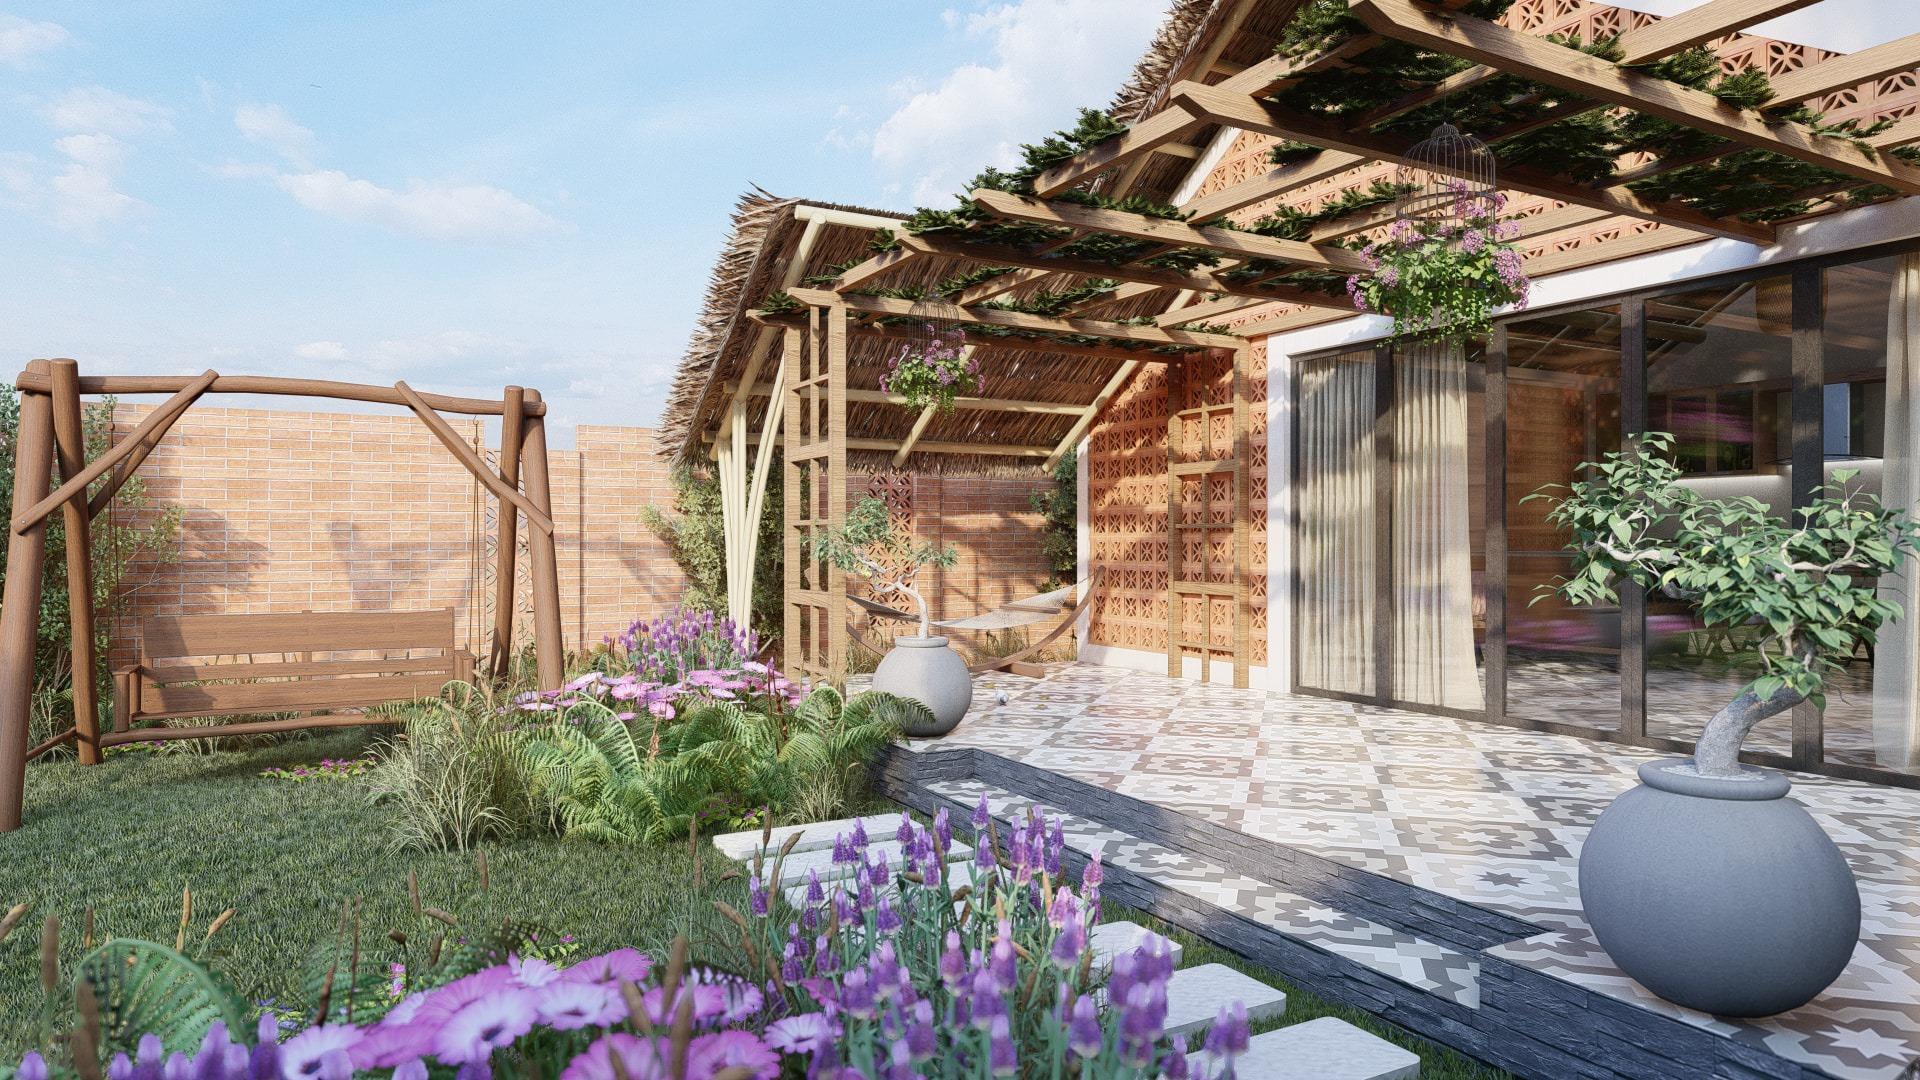 thiết kế Nhà tại Đồng Nai NHÀ SINH HOẠT TUẦN ,NGHĨ DƯỠNG  6 1557156710